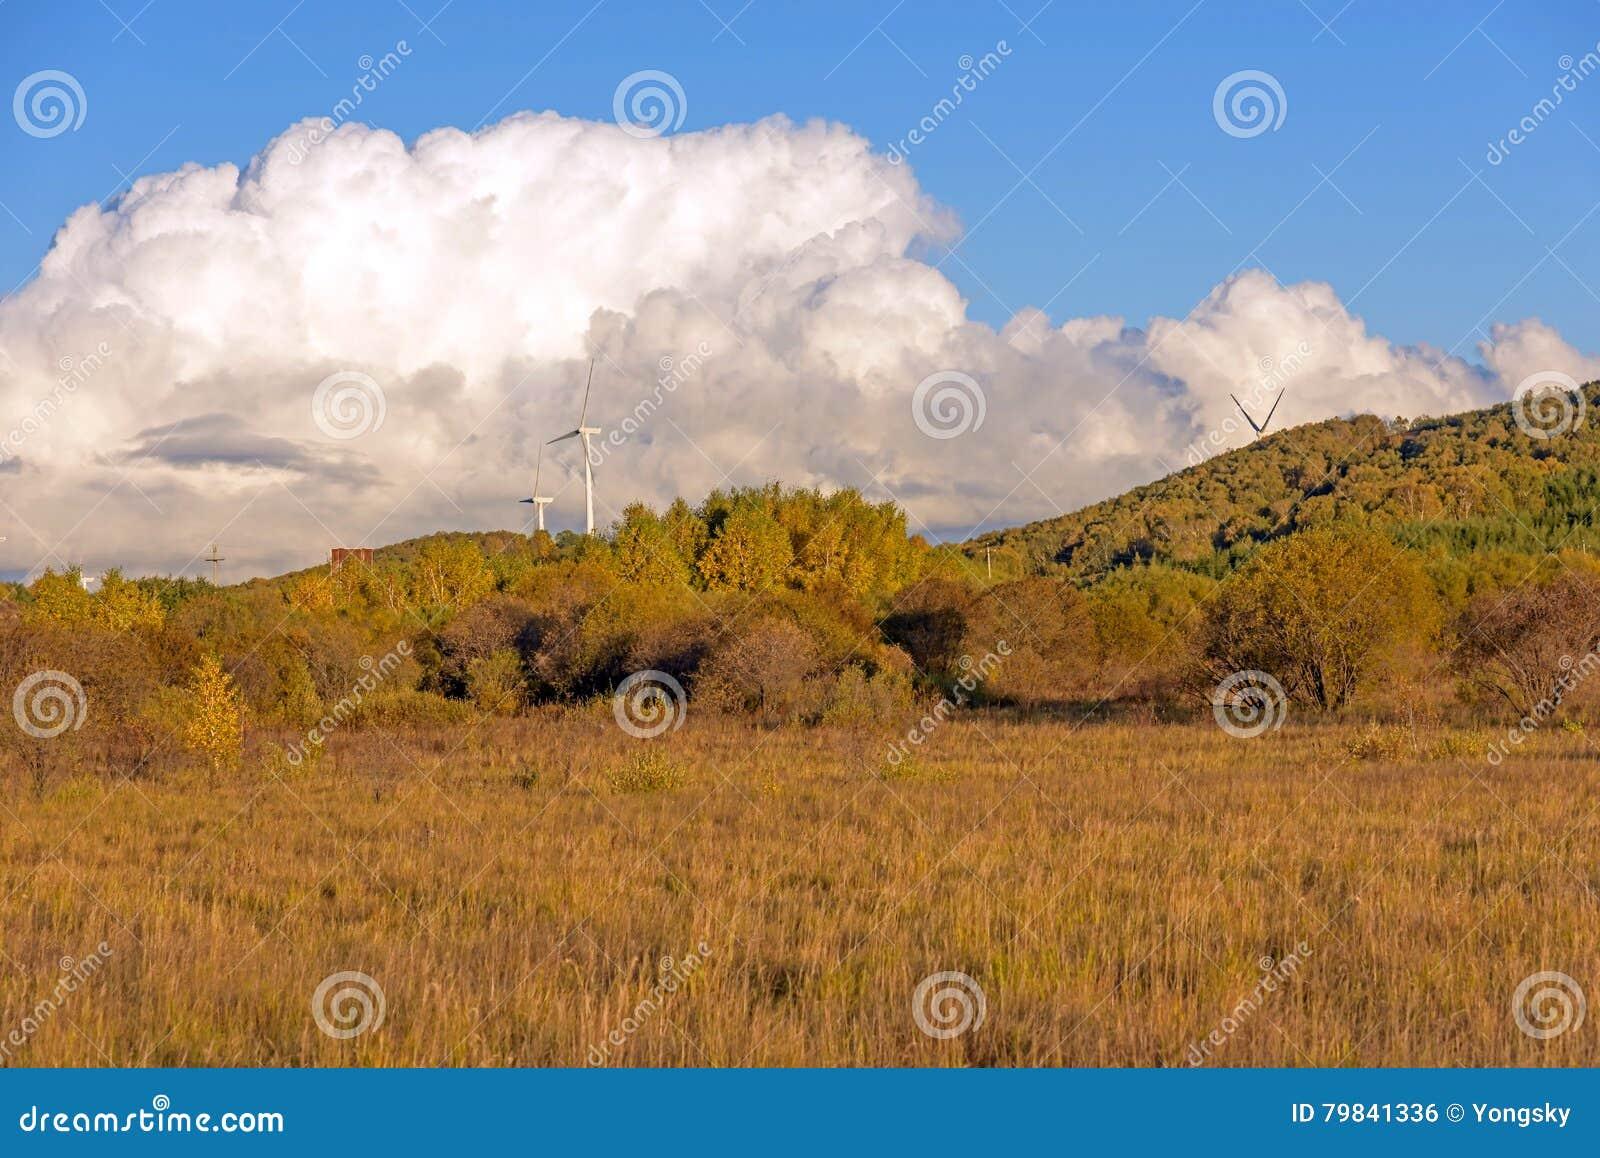 Biała brzoza i obszar trawiasty